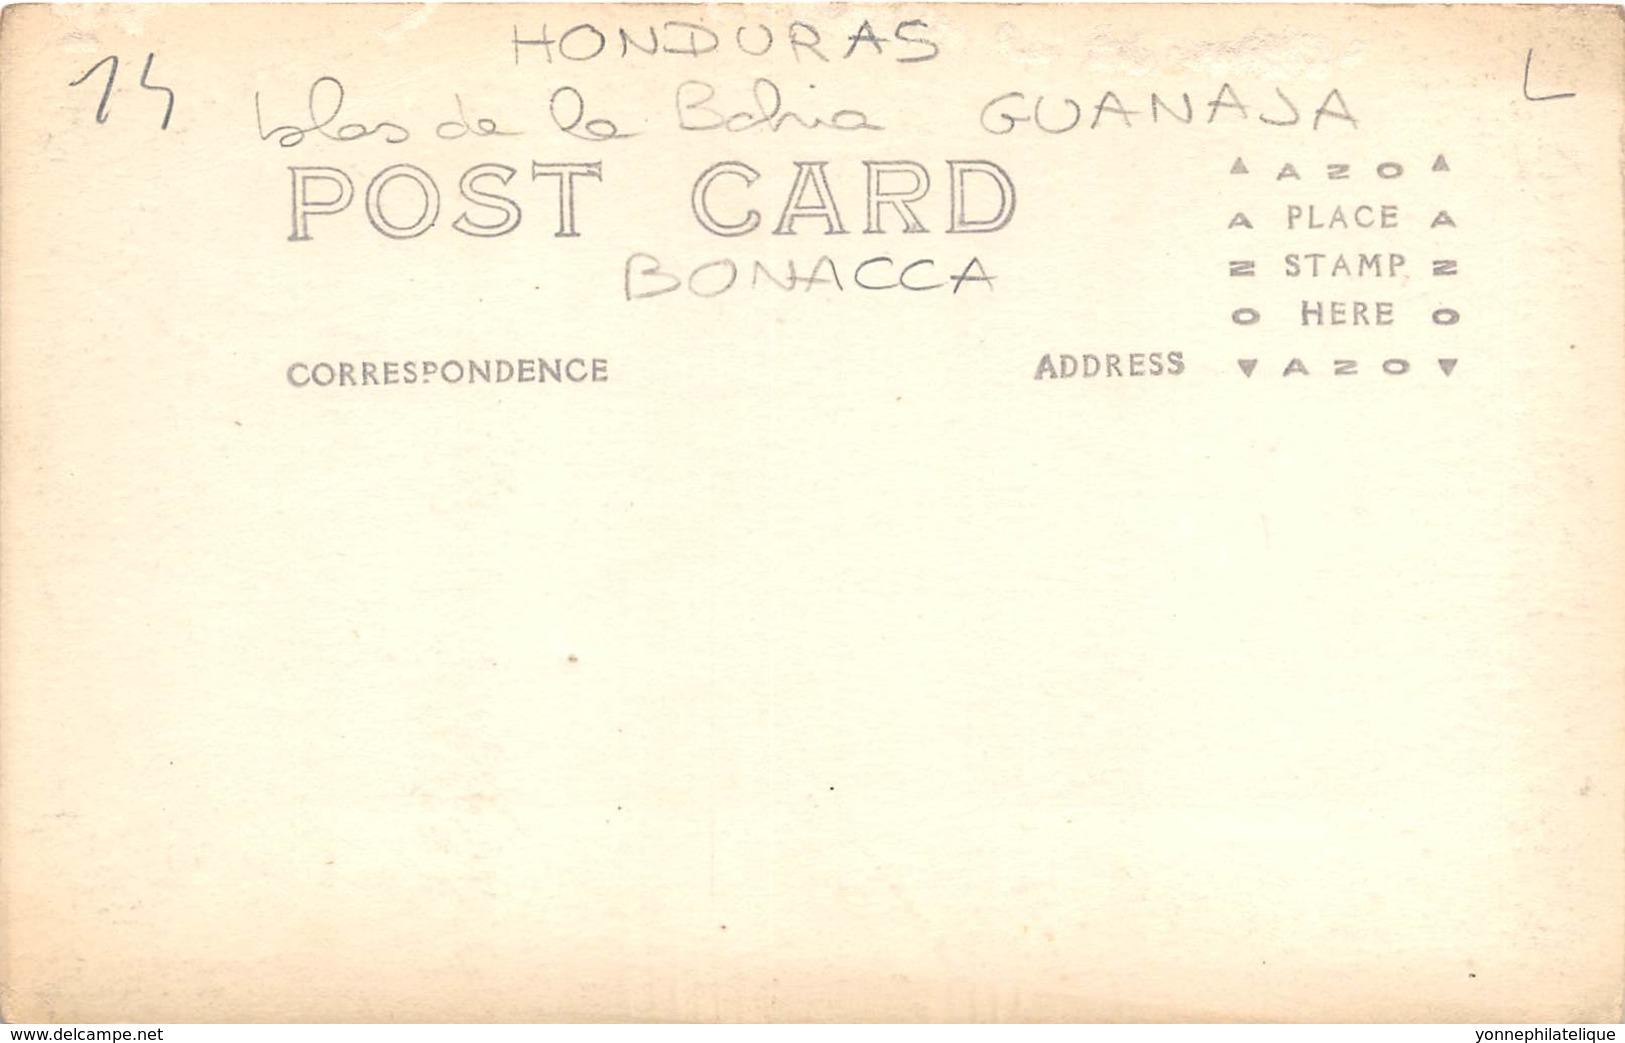 Honduras / 14 - Islas De La Bahia - Guanaja - Honduras